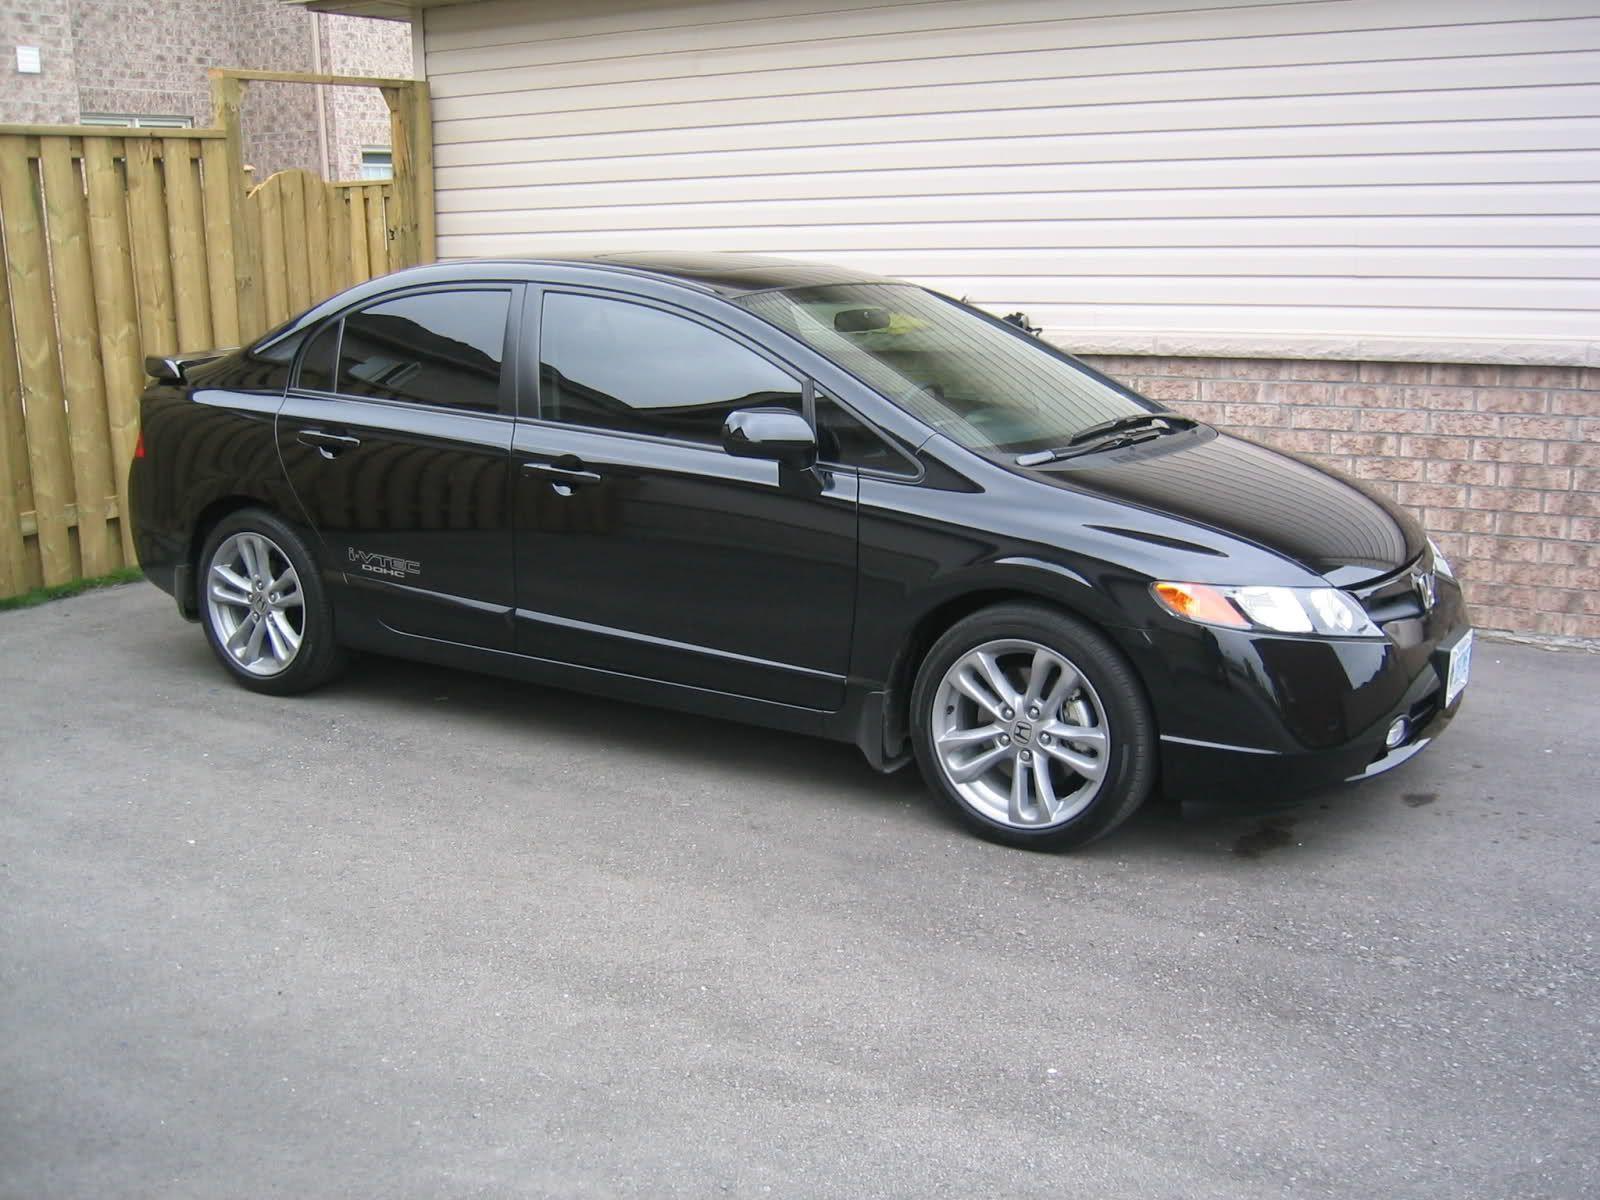 Black Honda Civic Si Sedan  Black Honda  Pinterest  Honda civic